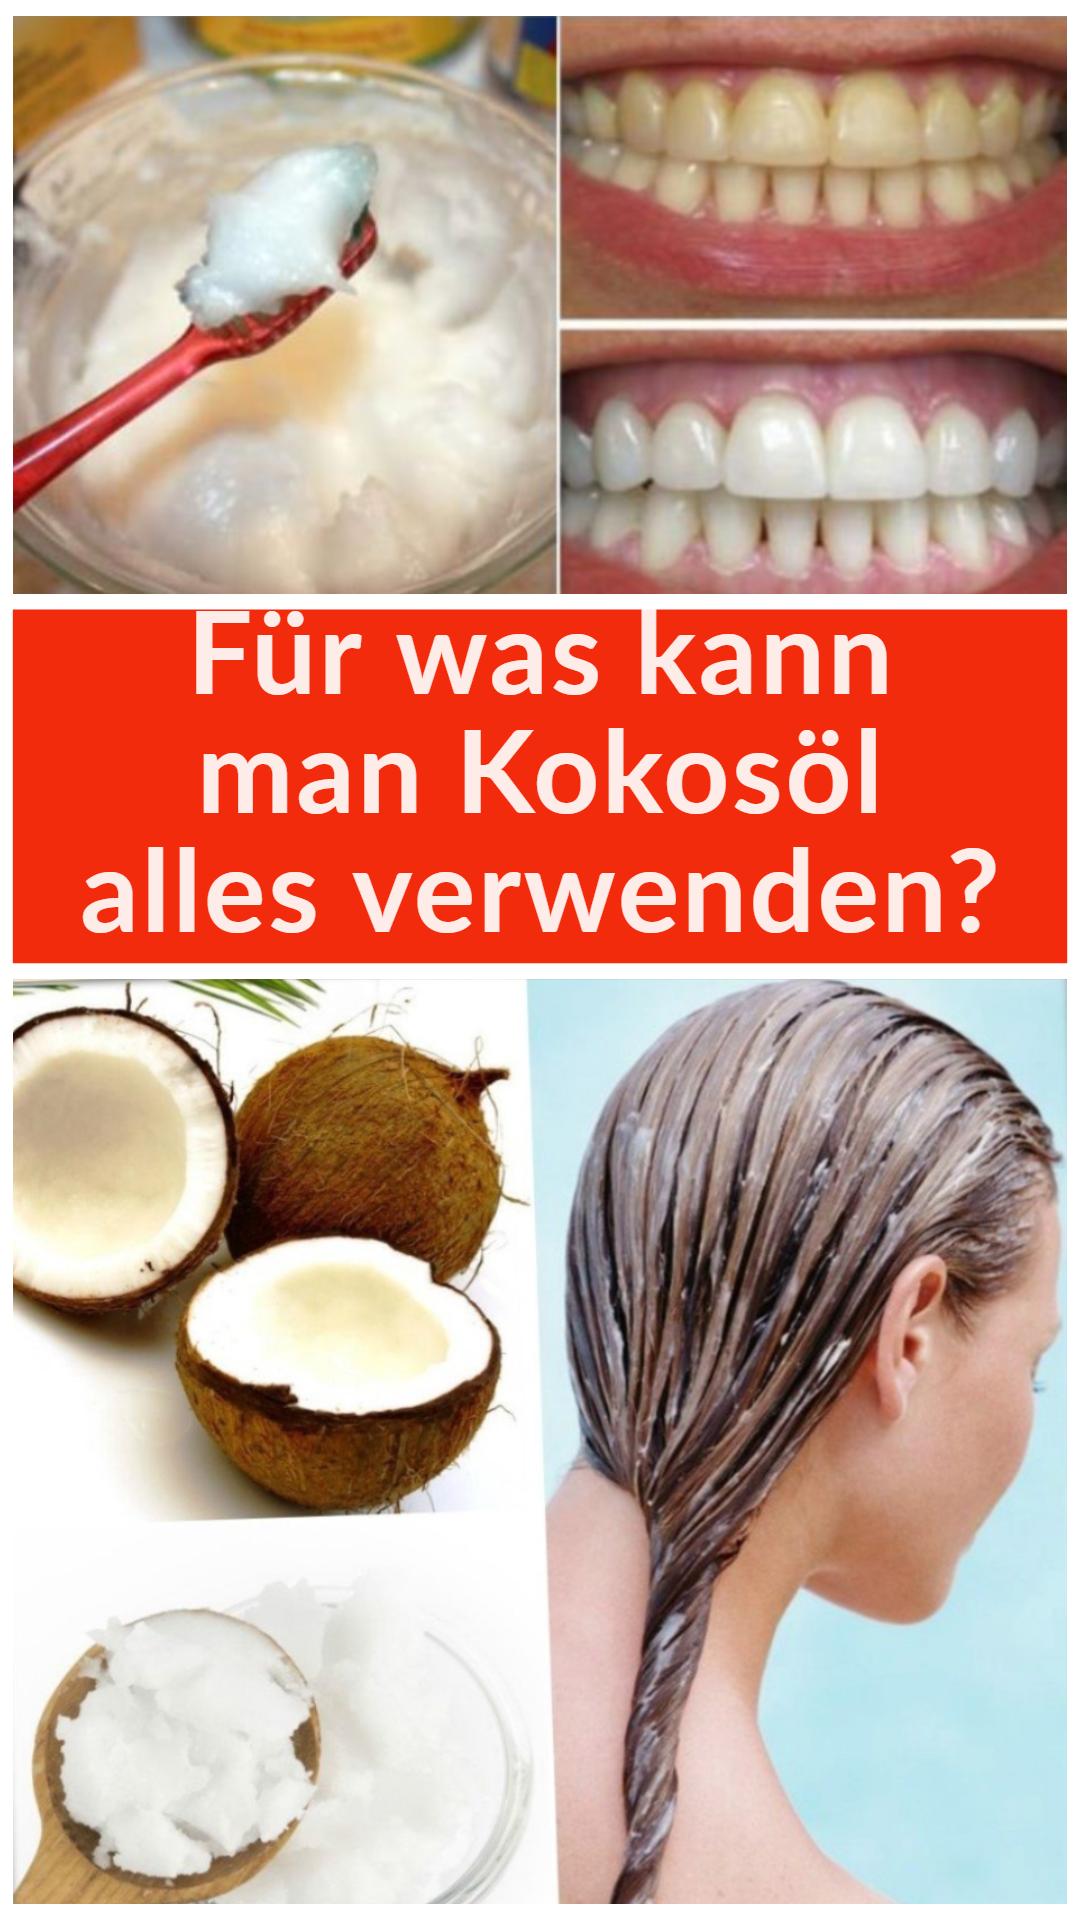 Fur Was Kann Man Kokosol Alles Verwenden Gesundheit Und Schonheit Beauty Tipps Hautflecken